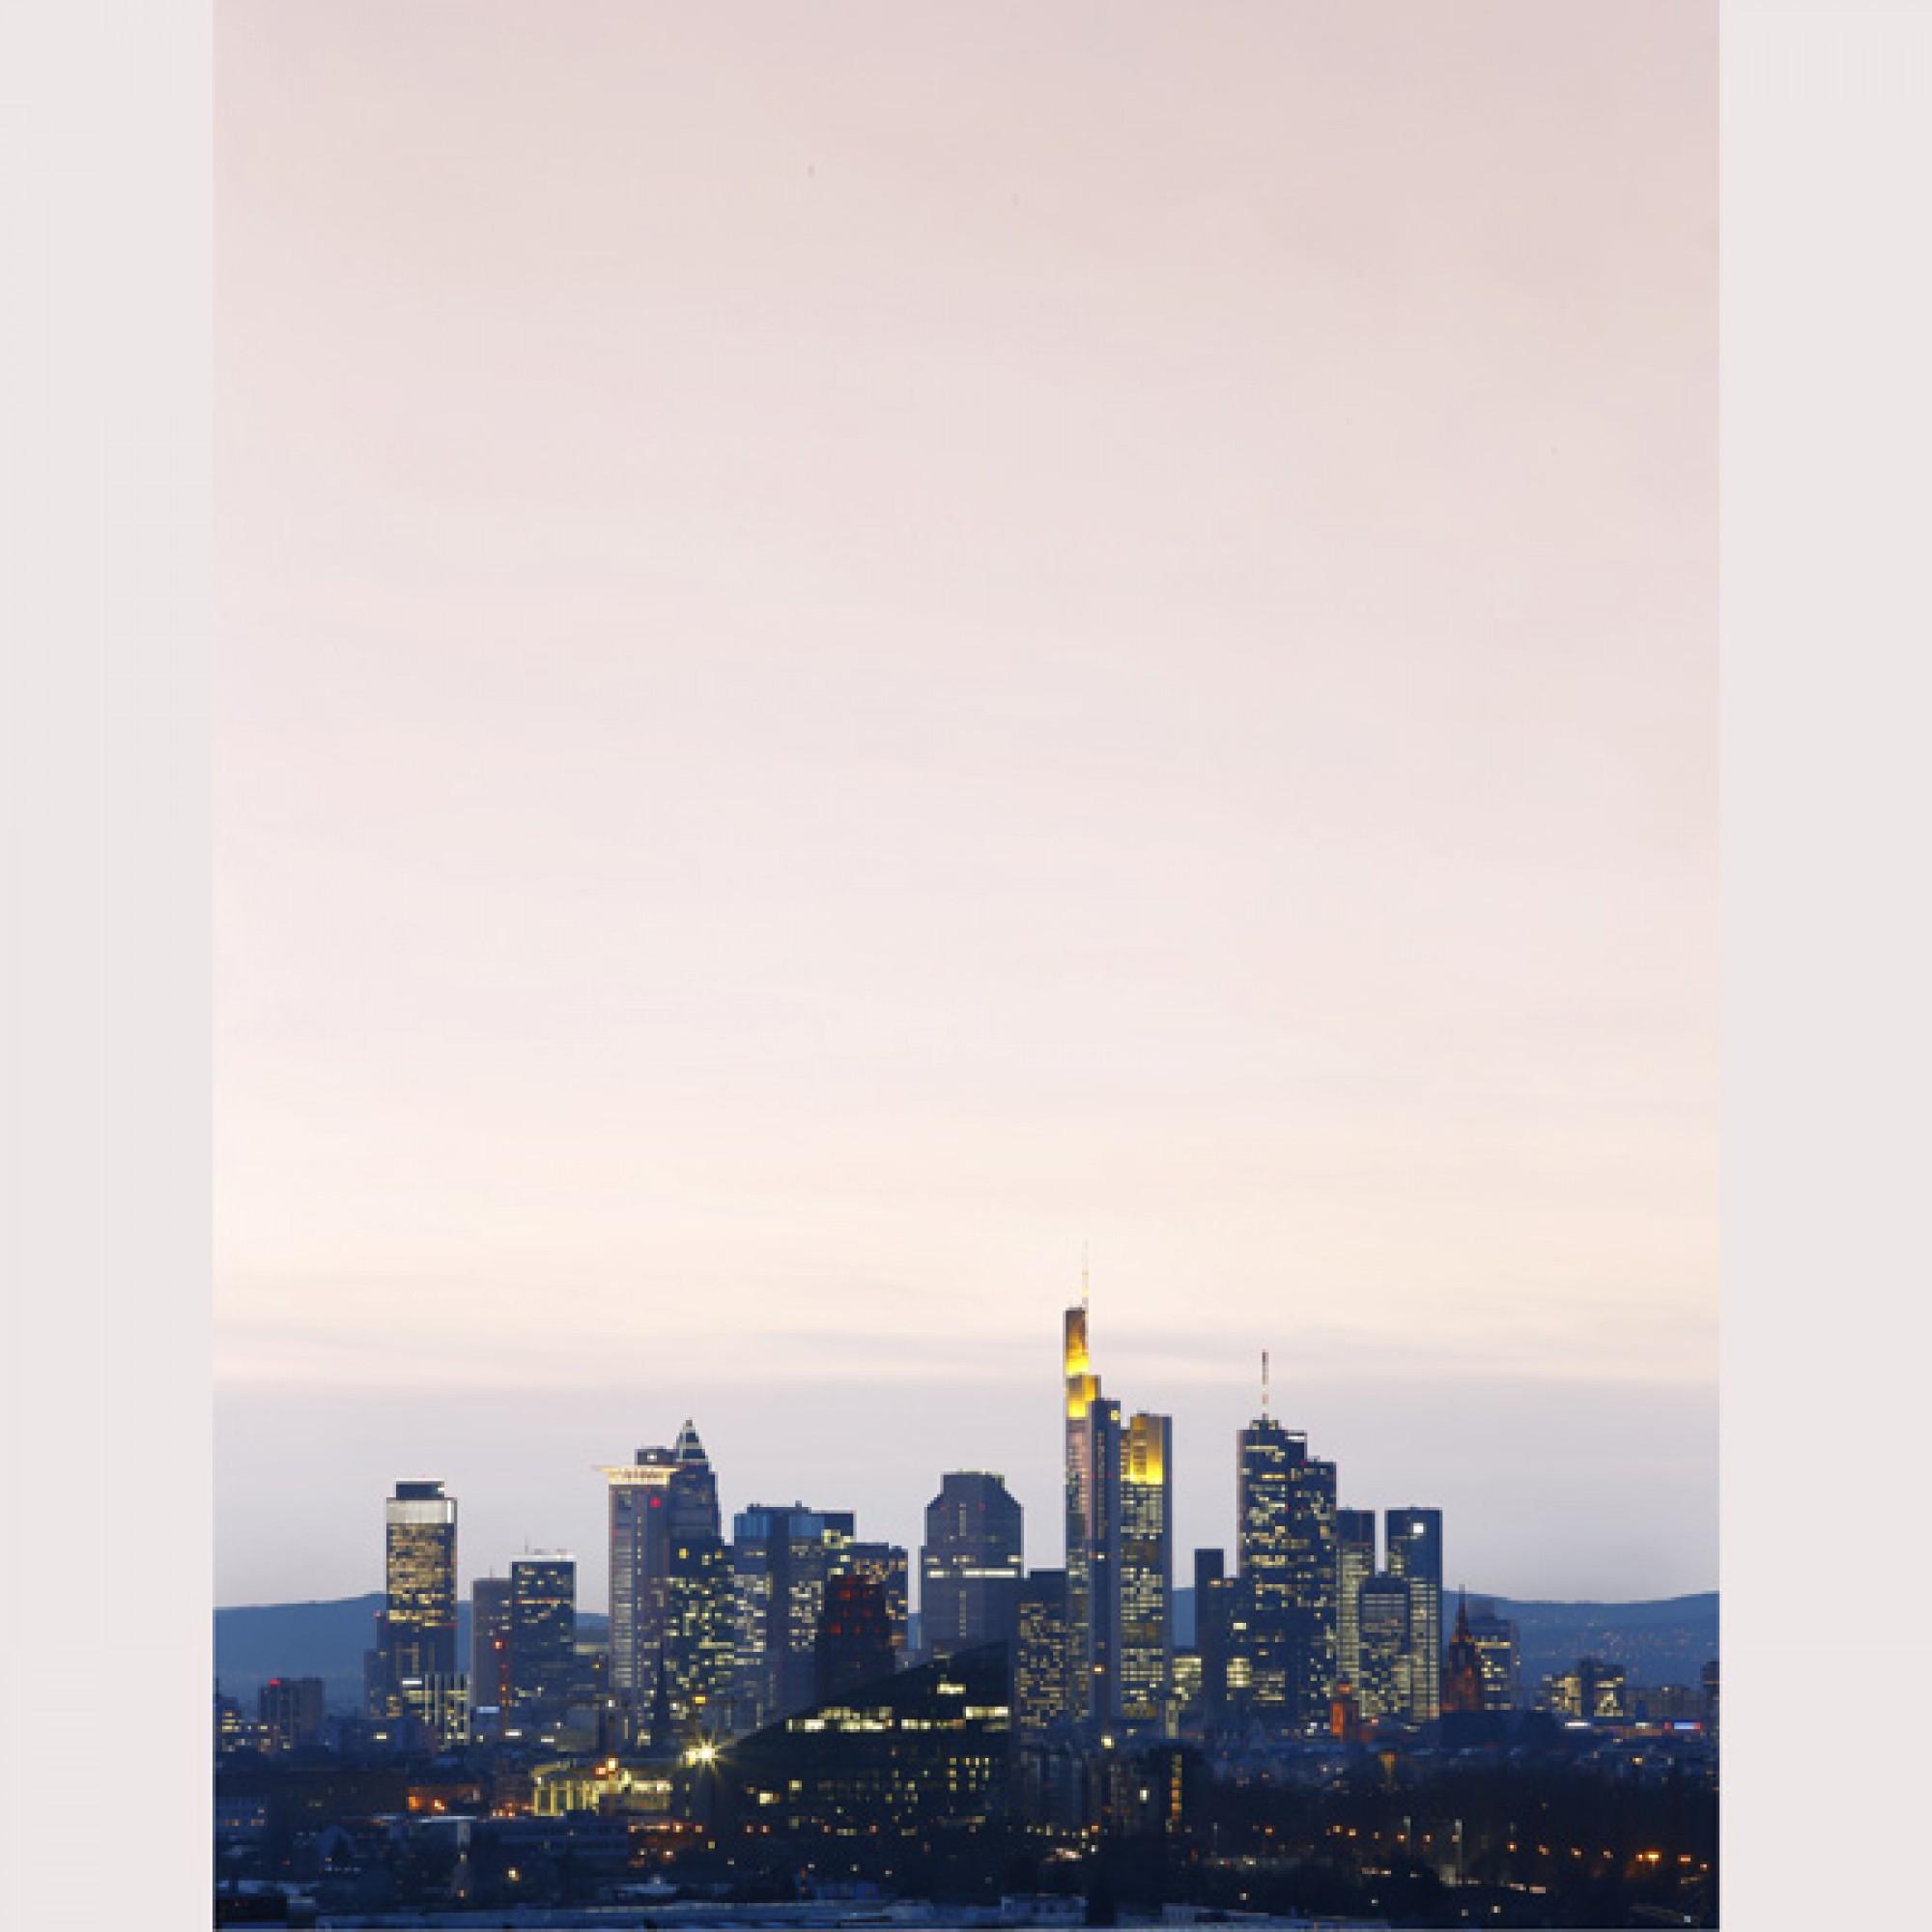 Blick auf die Hochhausstadt Frankfurt am Main (Uwe Dettmar, 2014)